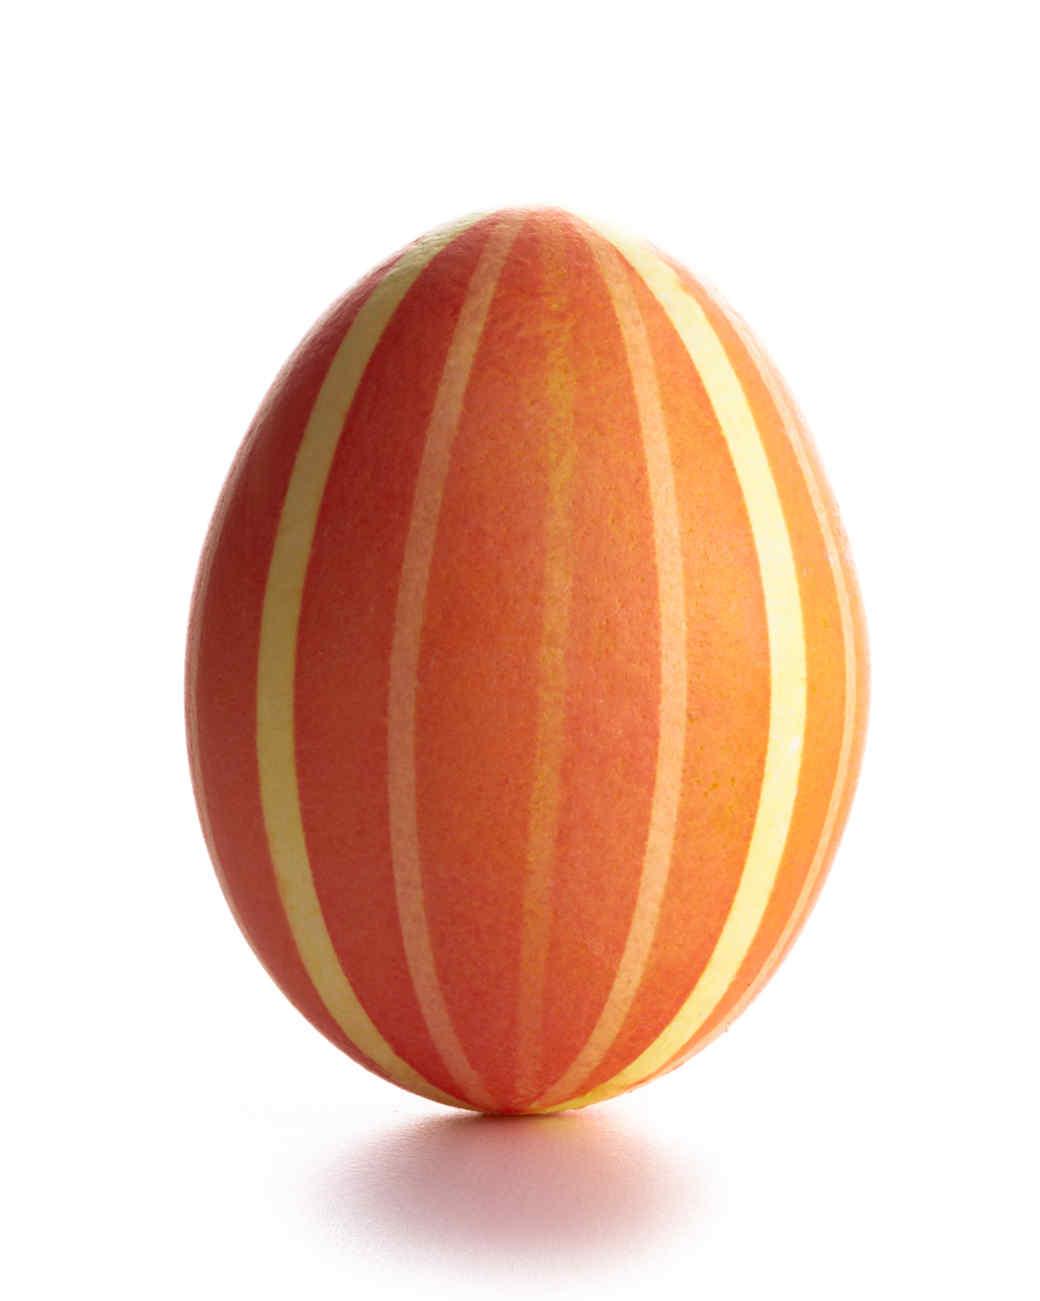 egg-dyeing-app-d107182-masking-tape-orange0414.jpg